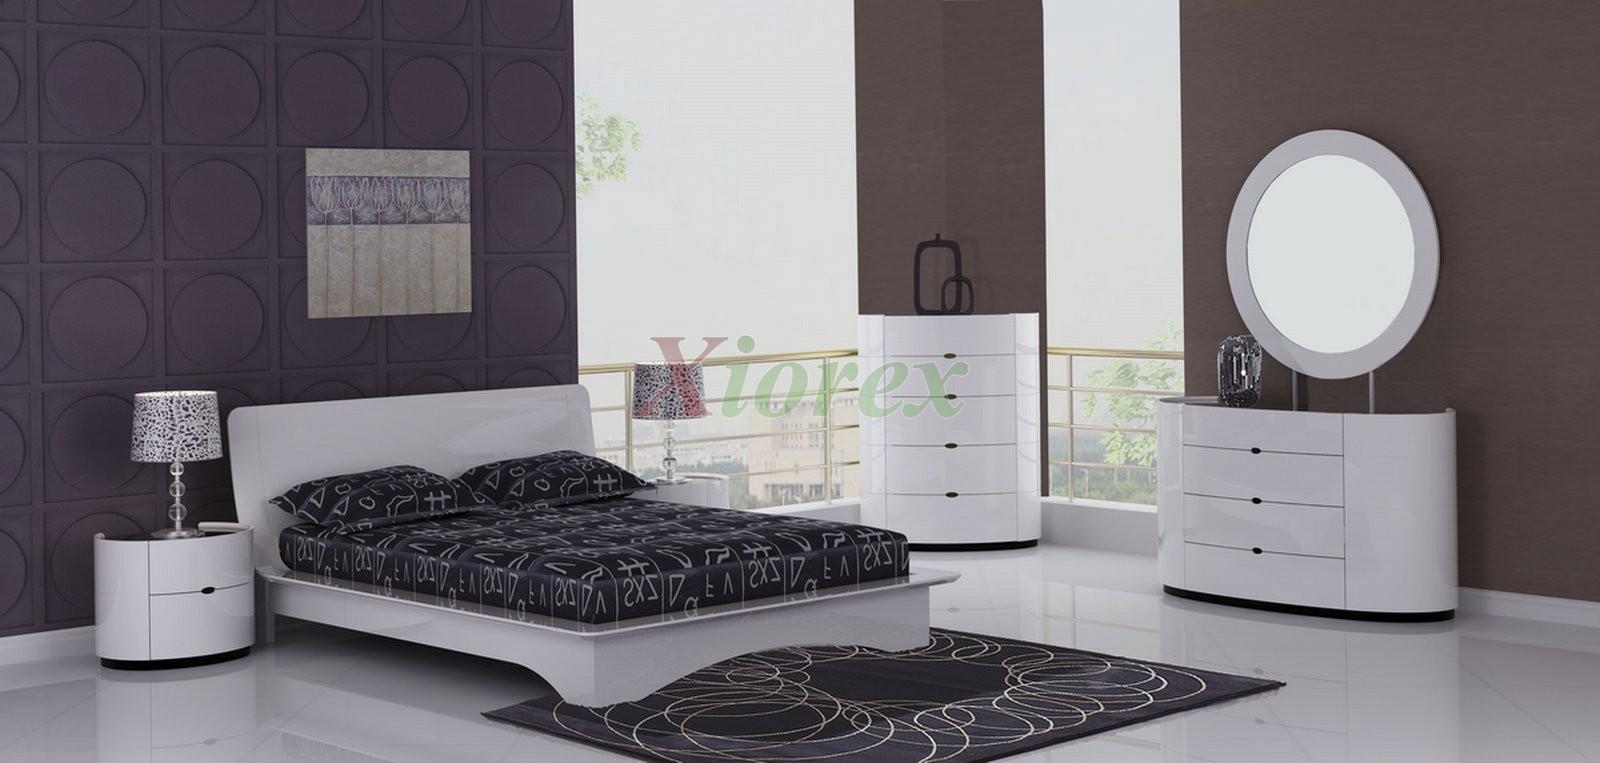 Platform Bedroom Furniture Sets Platform Bedroom Sets Queen Size Bedroom Furniture Sets Queen Size